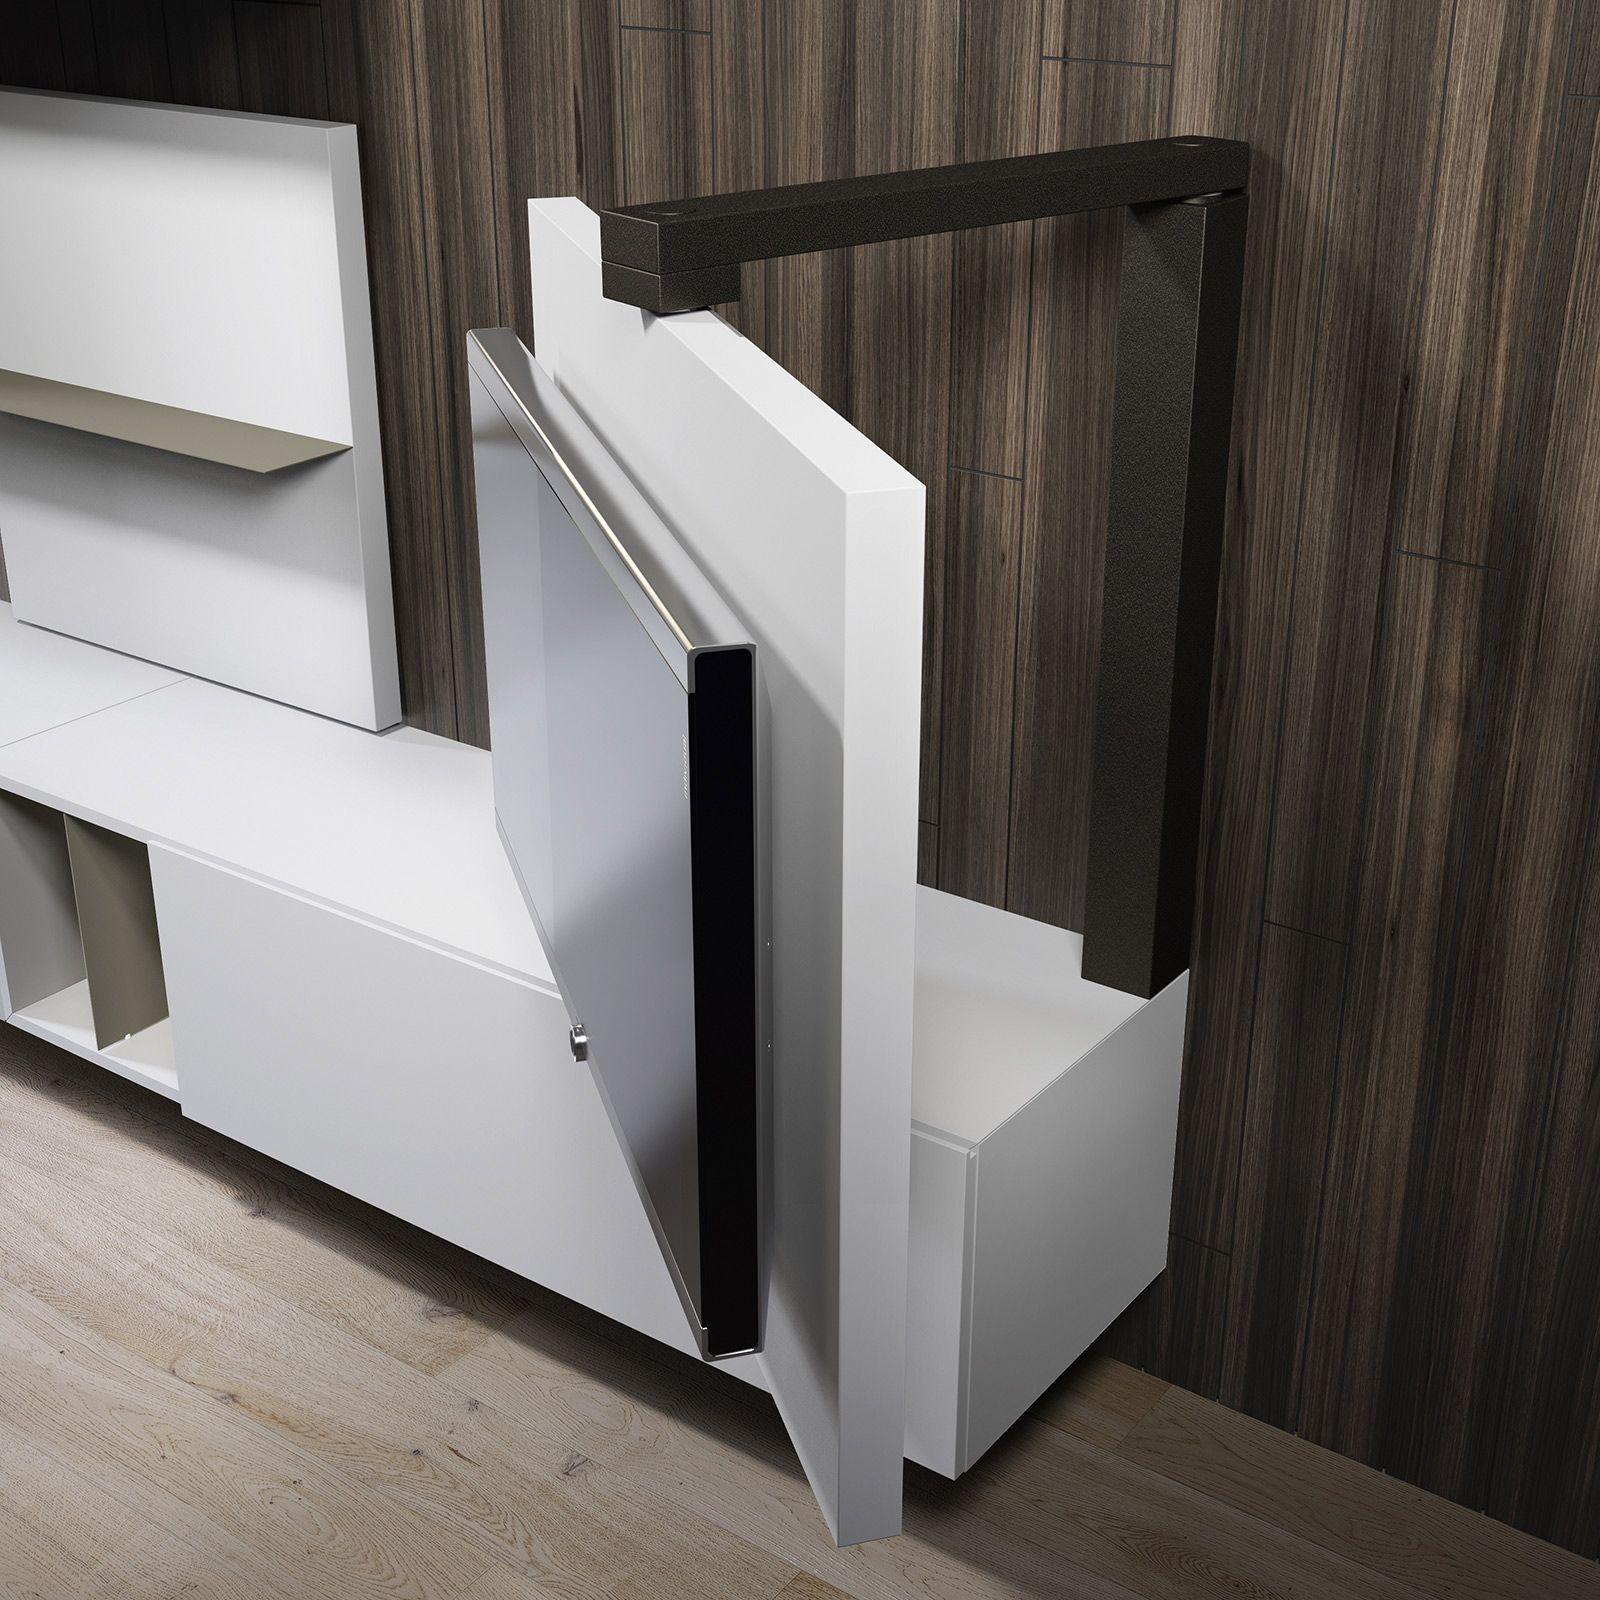 porta tv orientabile girevole full 360 - dettaglio prodotto | ef ... - Bonaldo Porta Tv Moderno Prezzi